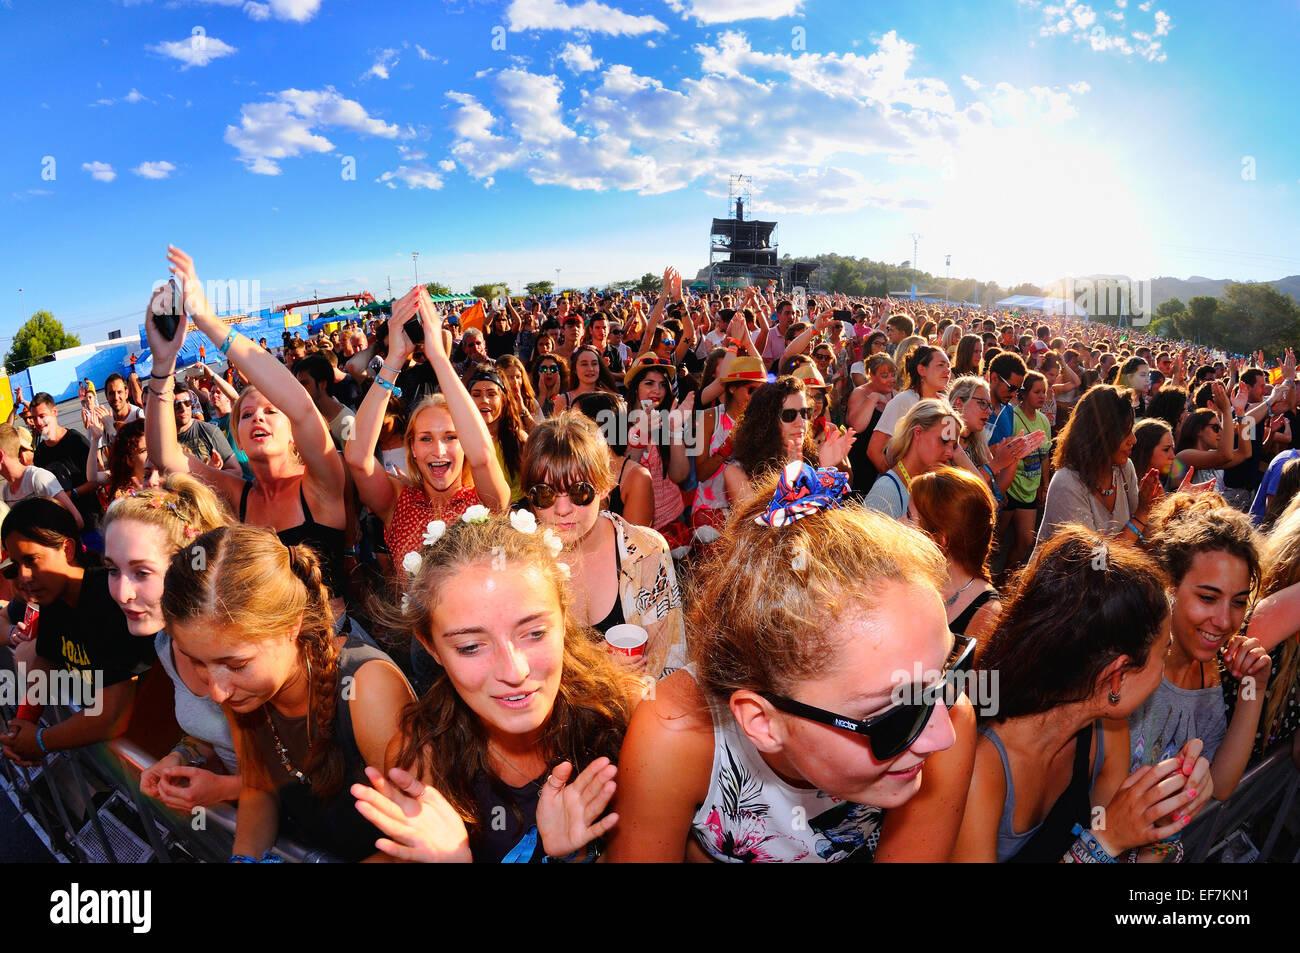 BENICASSIM, España - 20 de julio: multitud en un concierto en el FIB Festival en julio 20, 2014 en Benicassim, Imagen De Stock